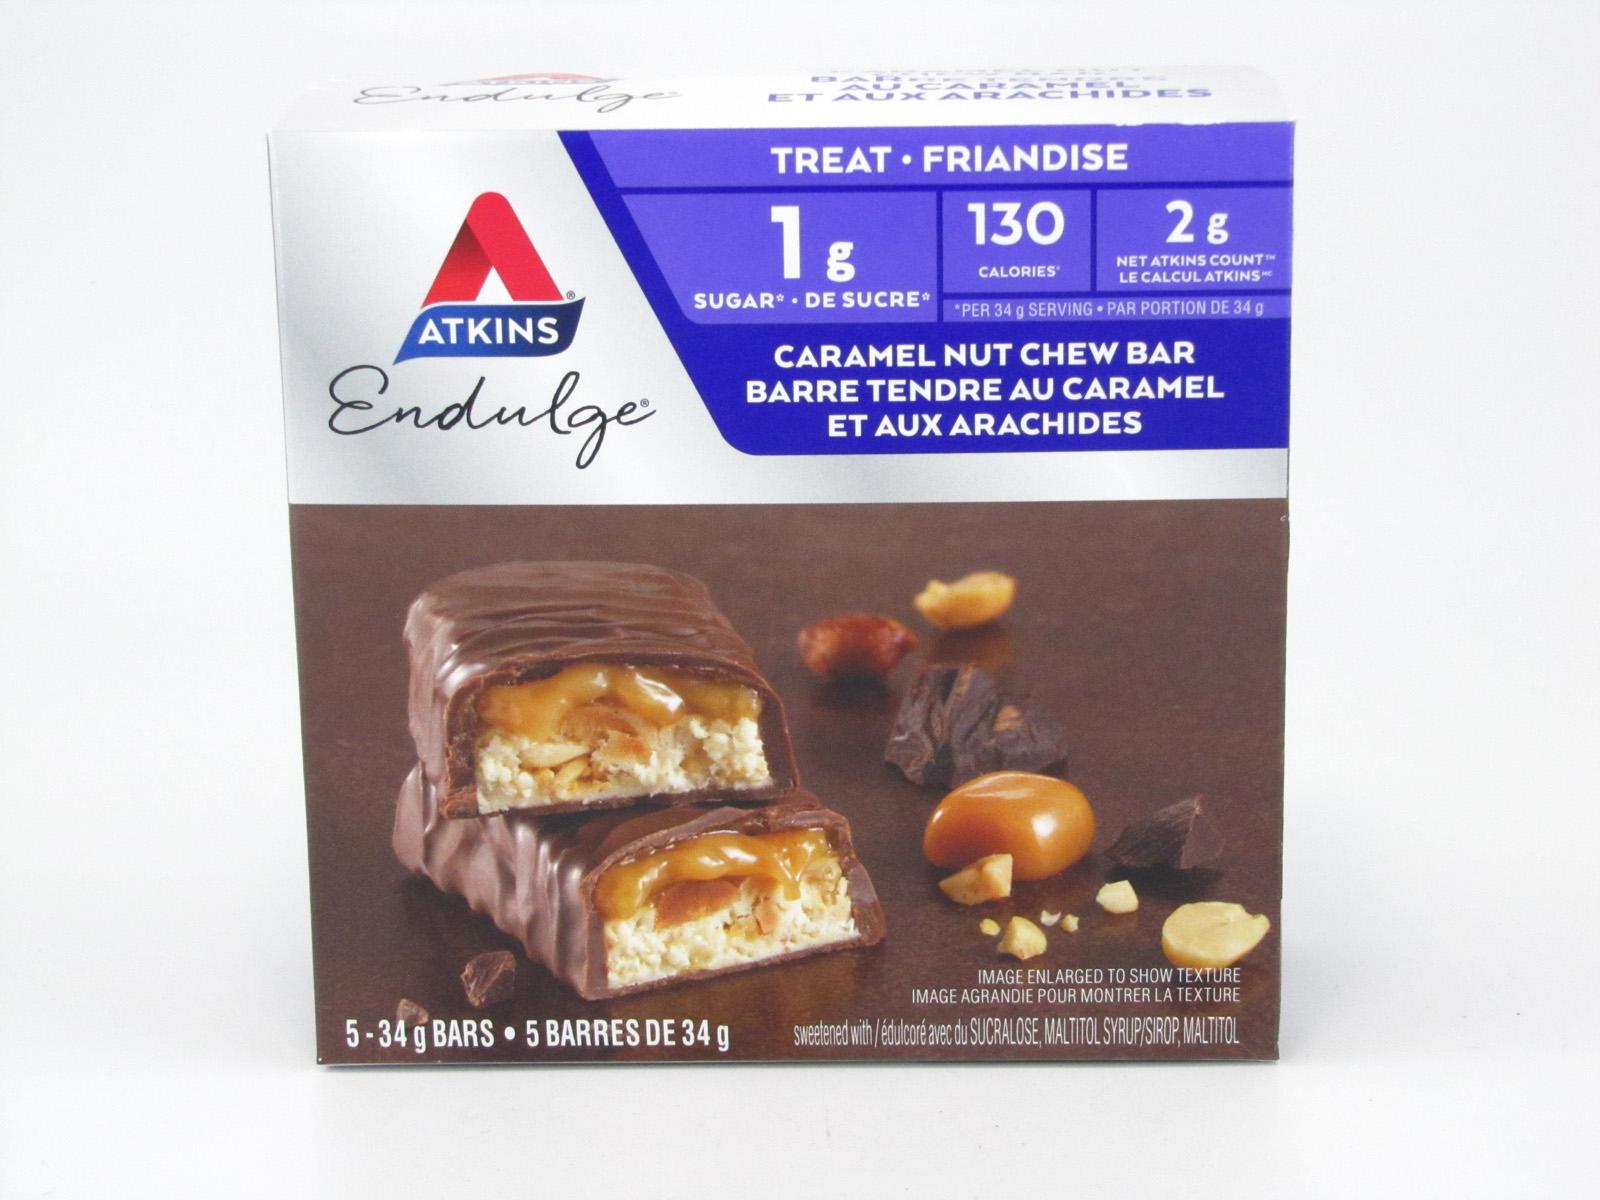 Atkins Endulge - Caramel Nut Chew Bar front of box image